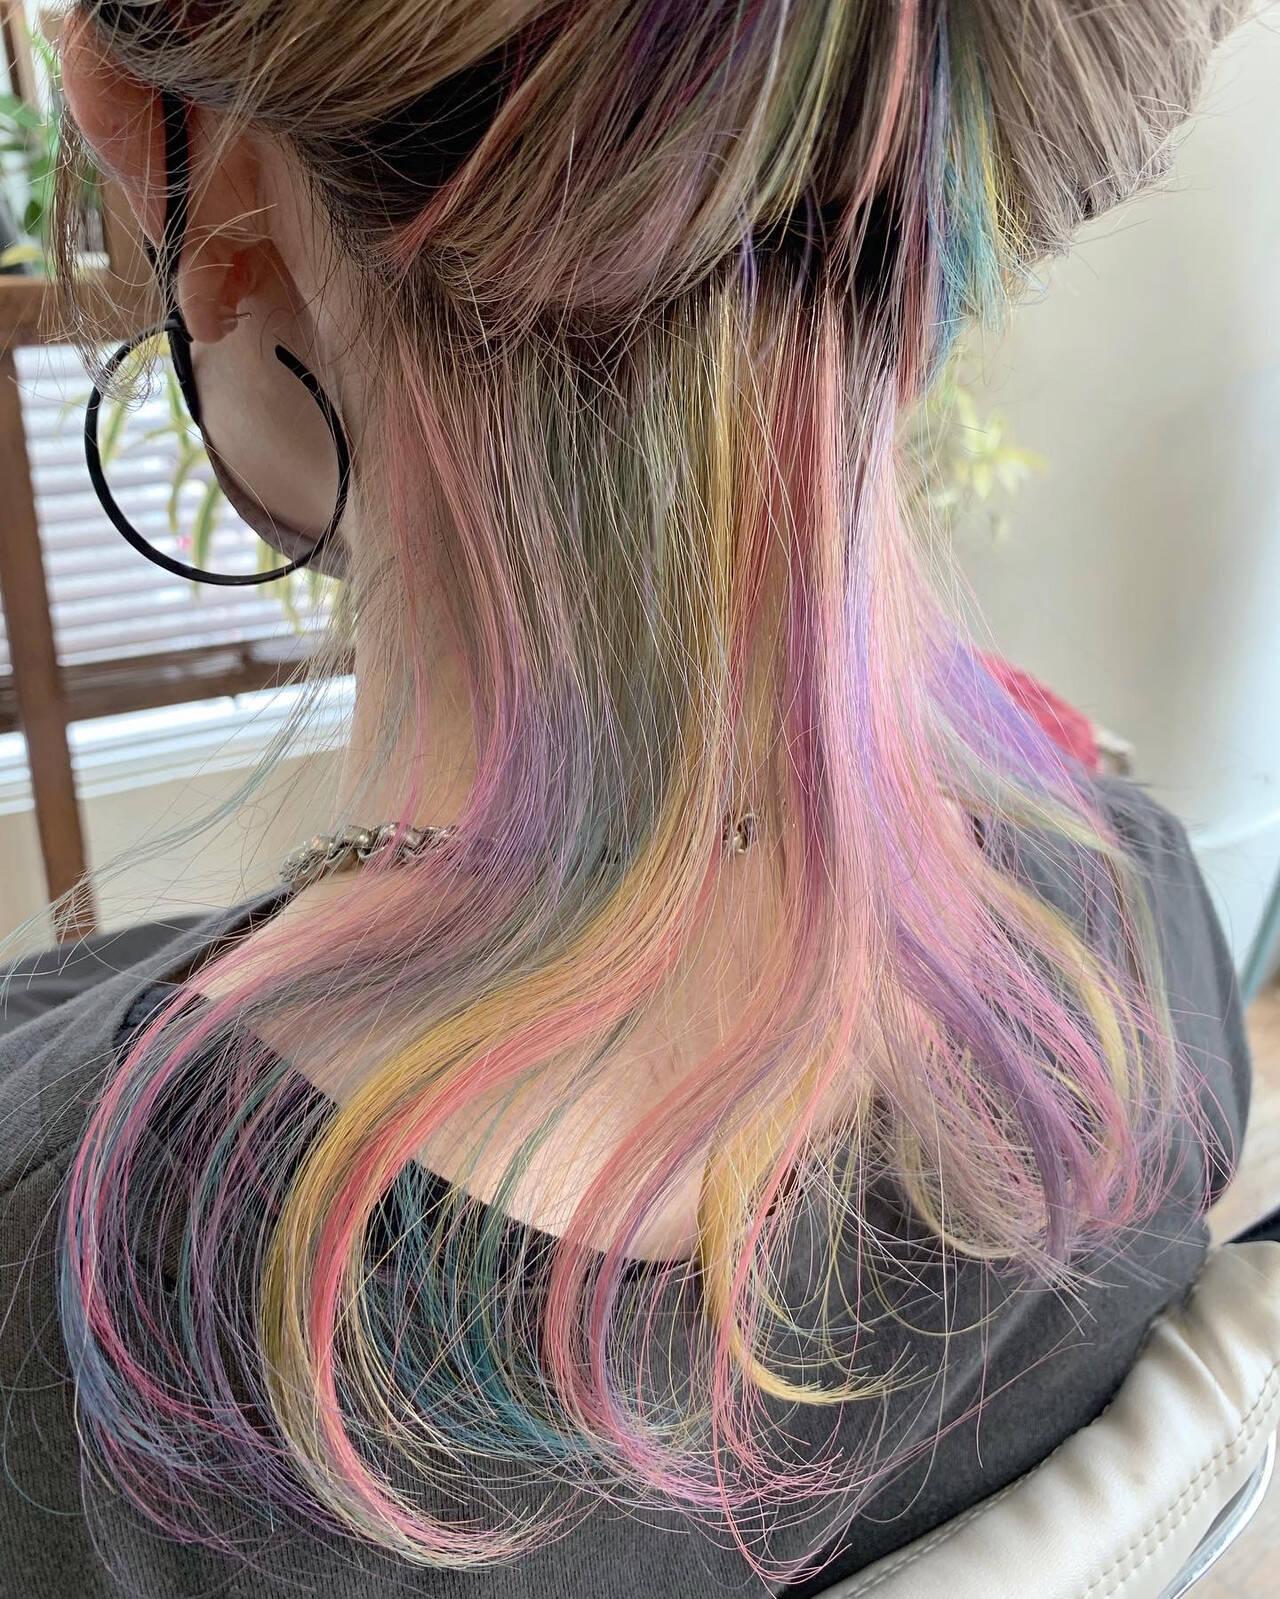 ハイライト ユニコーンカラー セミロング ブリーチカラーヘアスタイルや髪型の写真・画像